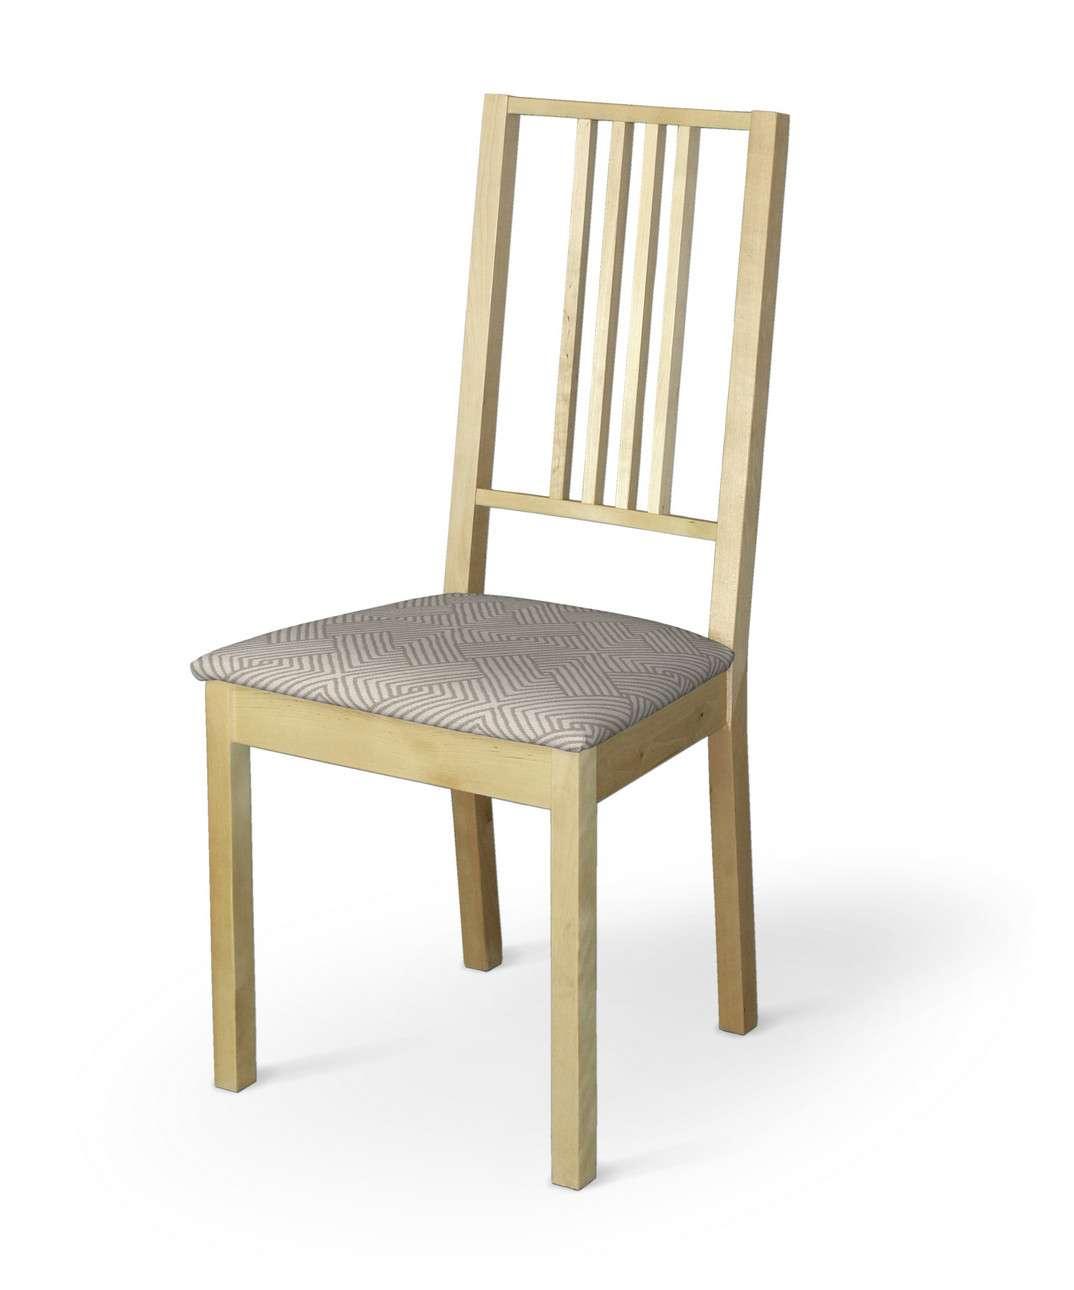 Pokrowiec na siedzisko Börje w kolekcji Sunny, tkanina: 143-44